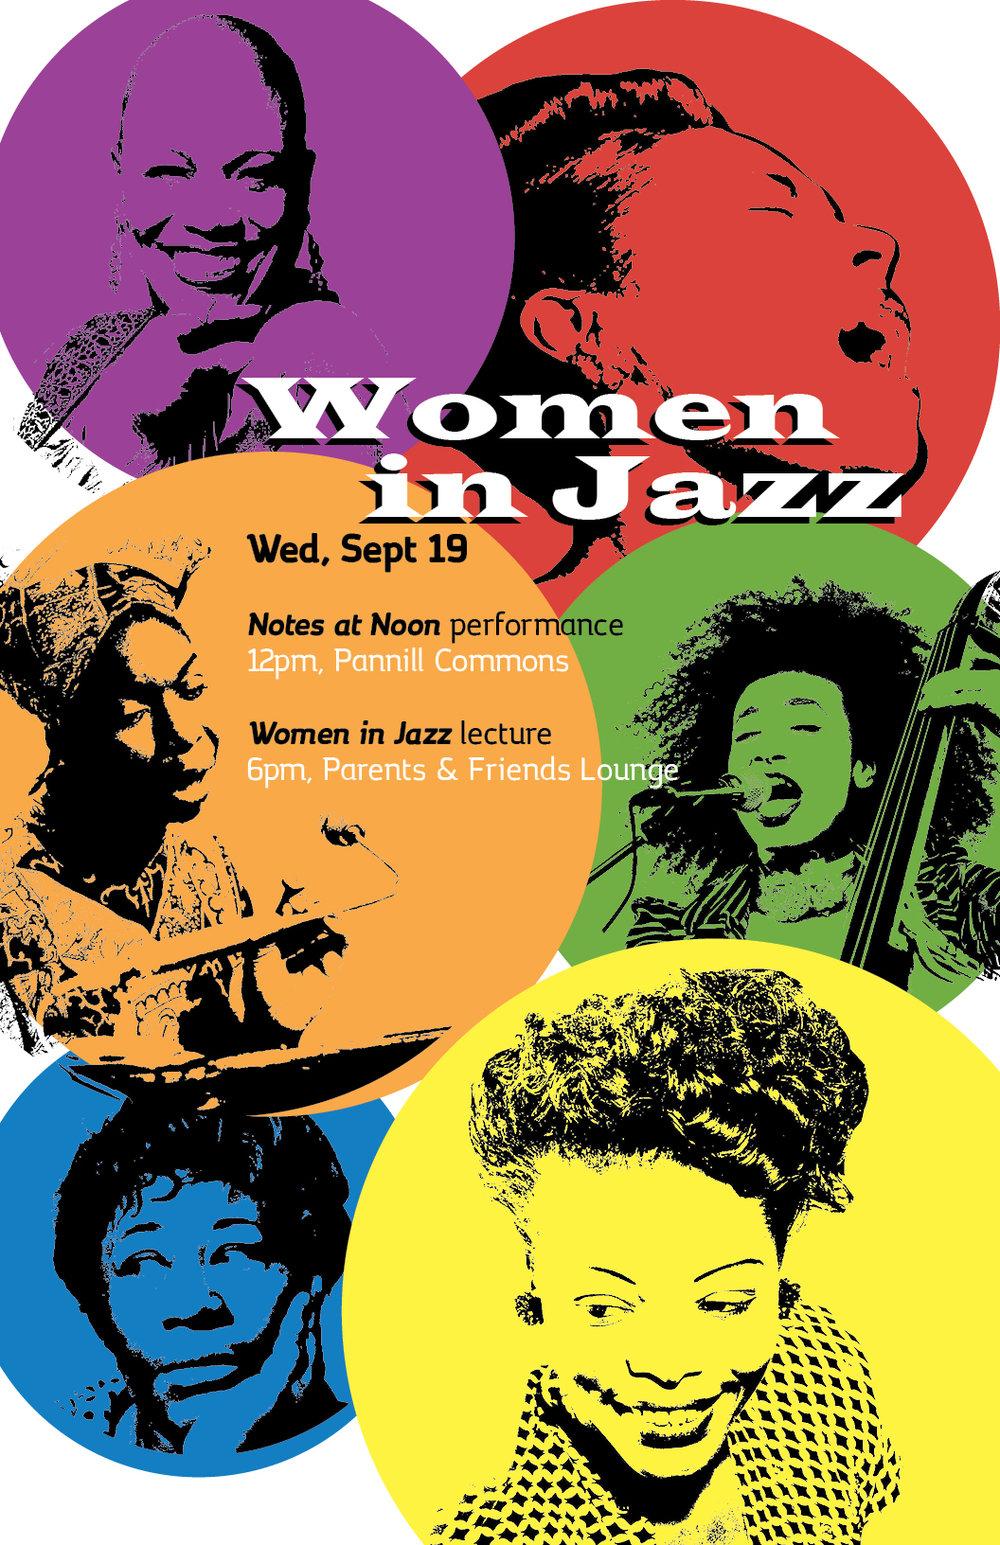 Women in Jazz